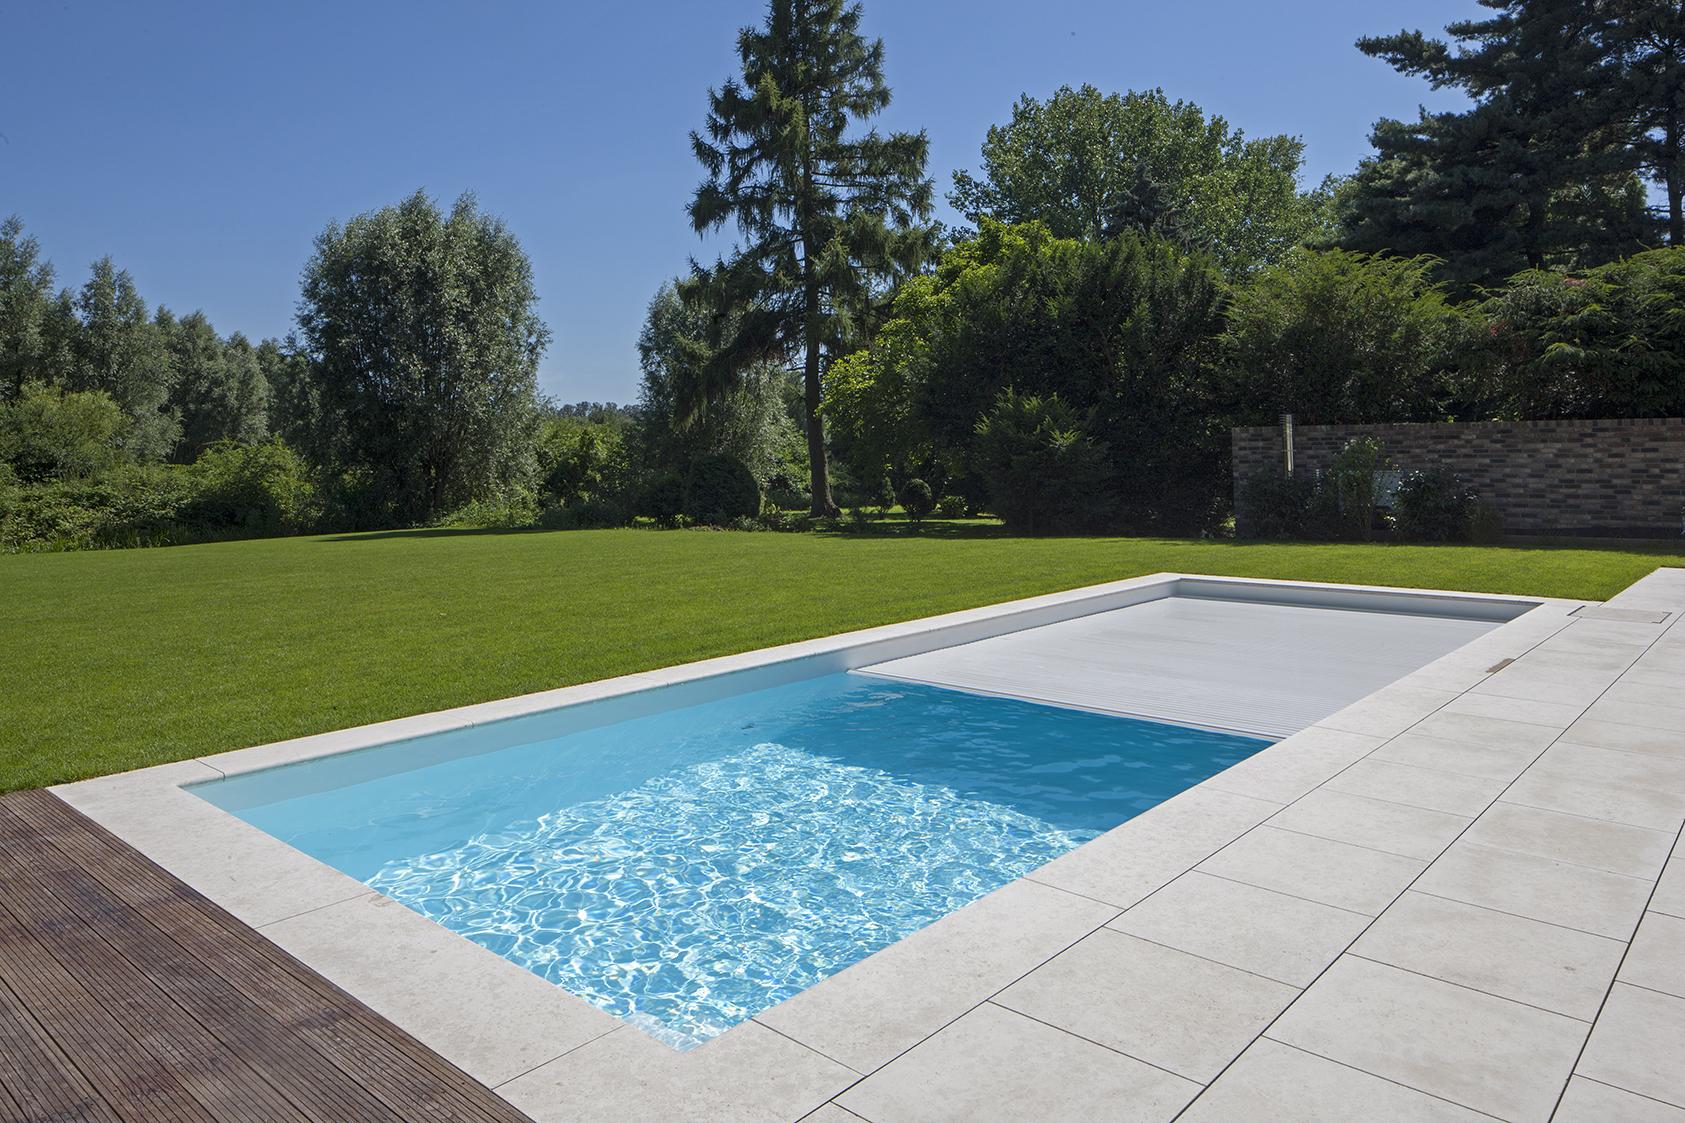 Freibad beispiel 11 swim sweat poolbau und for Schwimmbad folienauskleidung